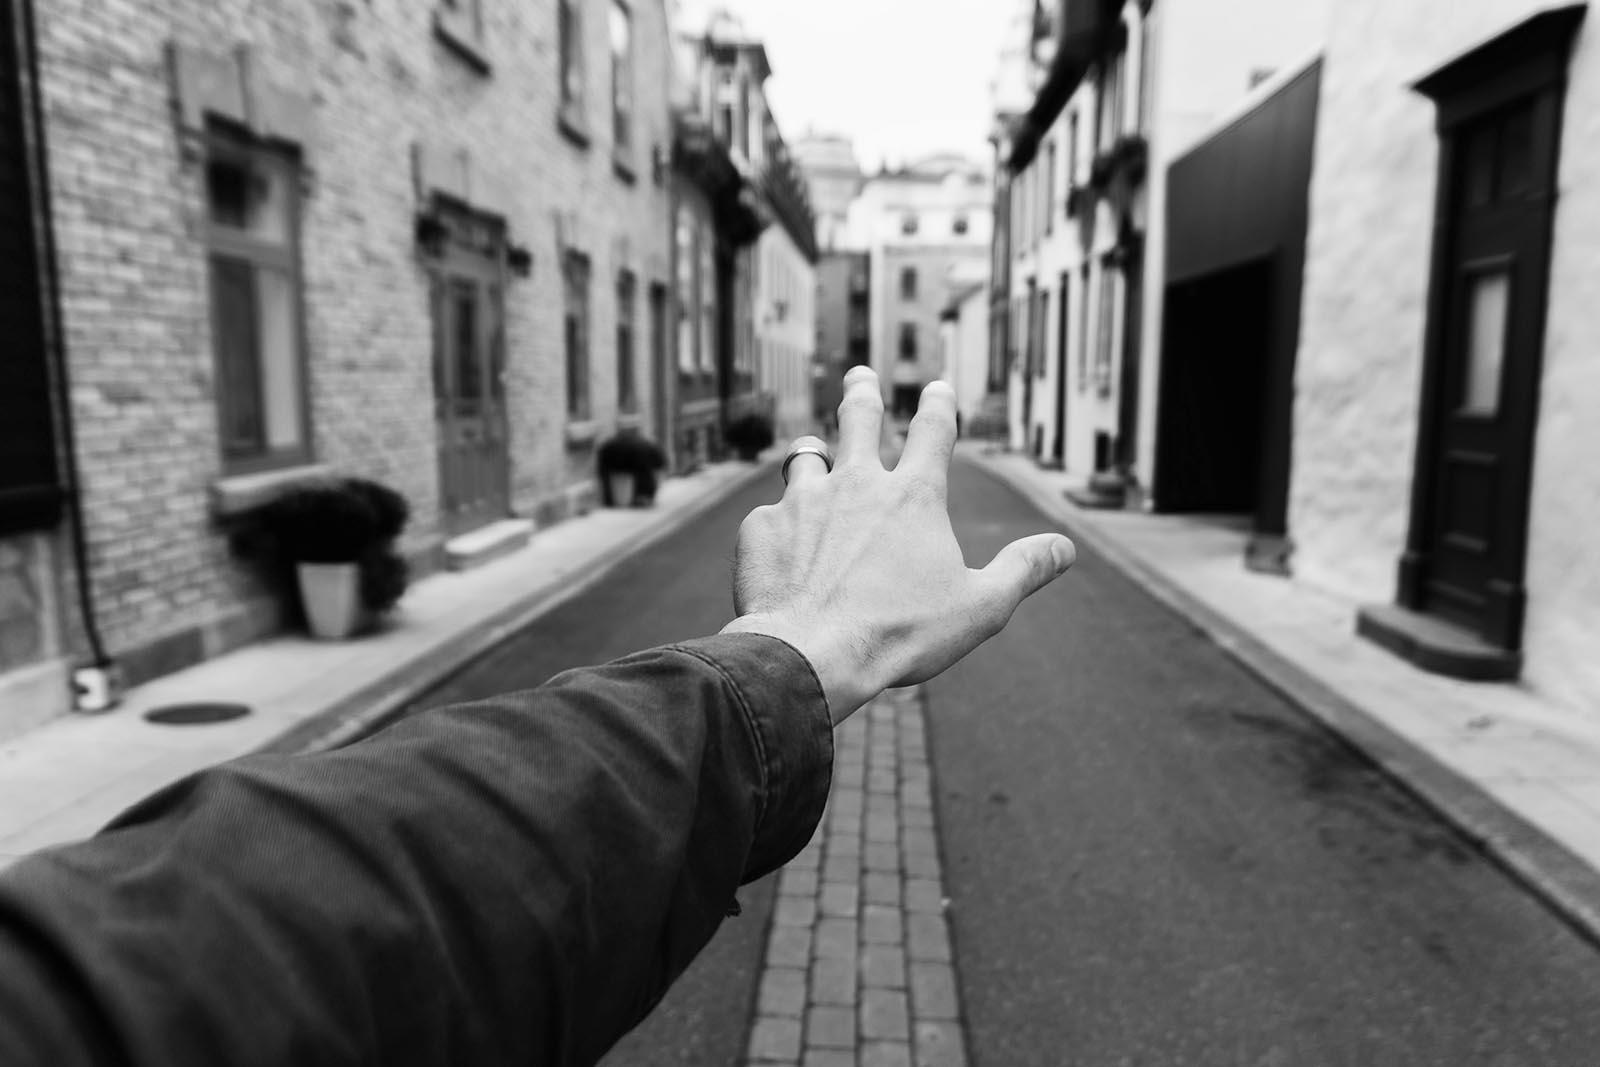 Seeking embraces on empty streets...